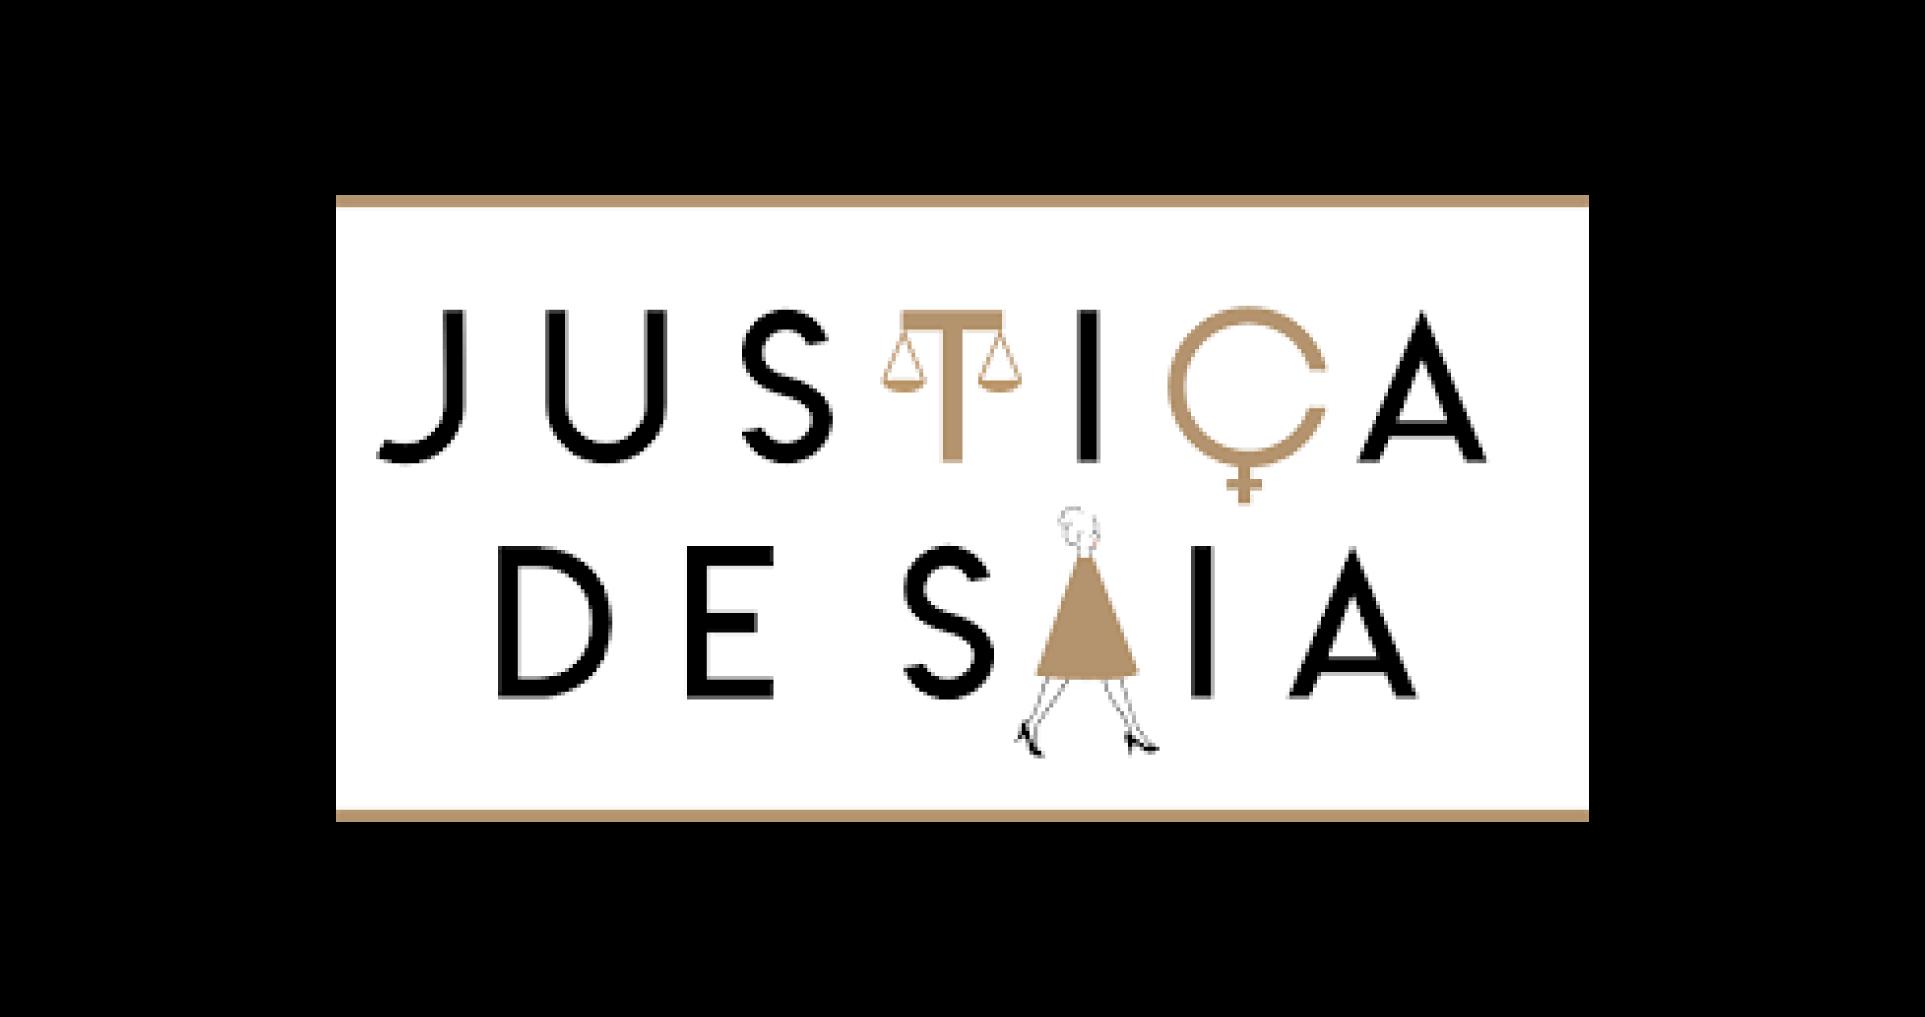 INSTITUTO JUSTIÇA DE SAIA